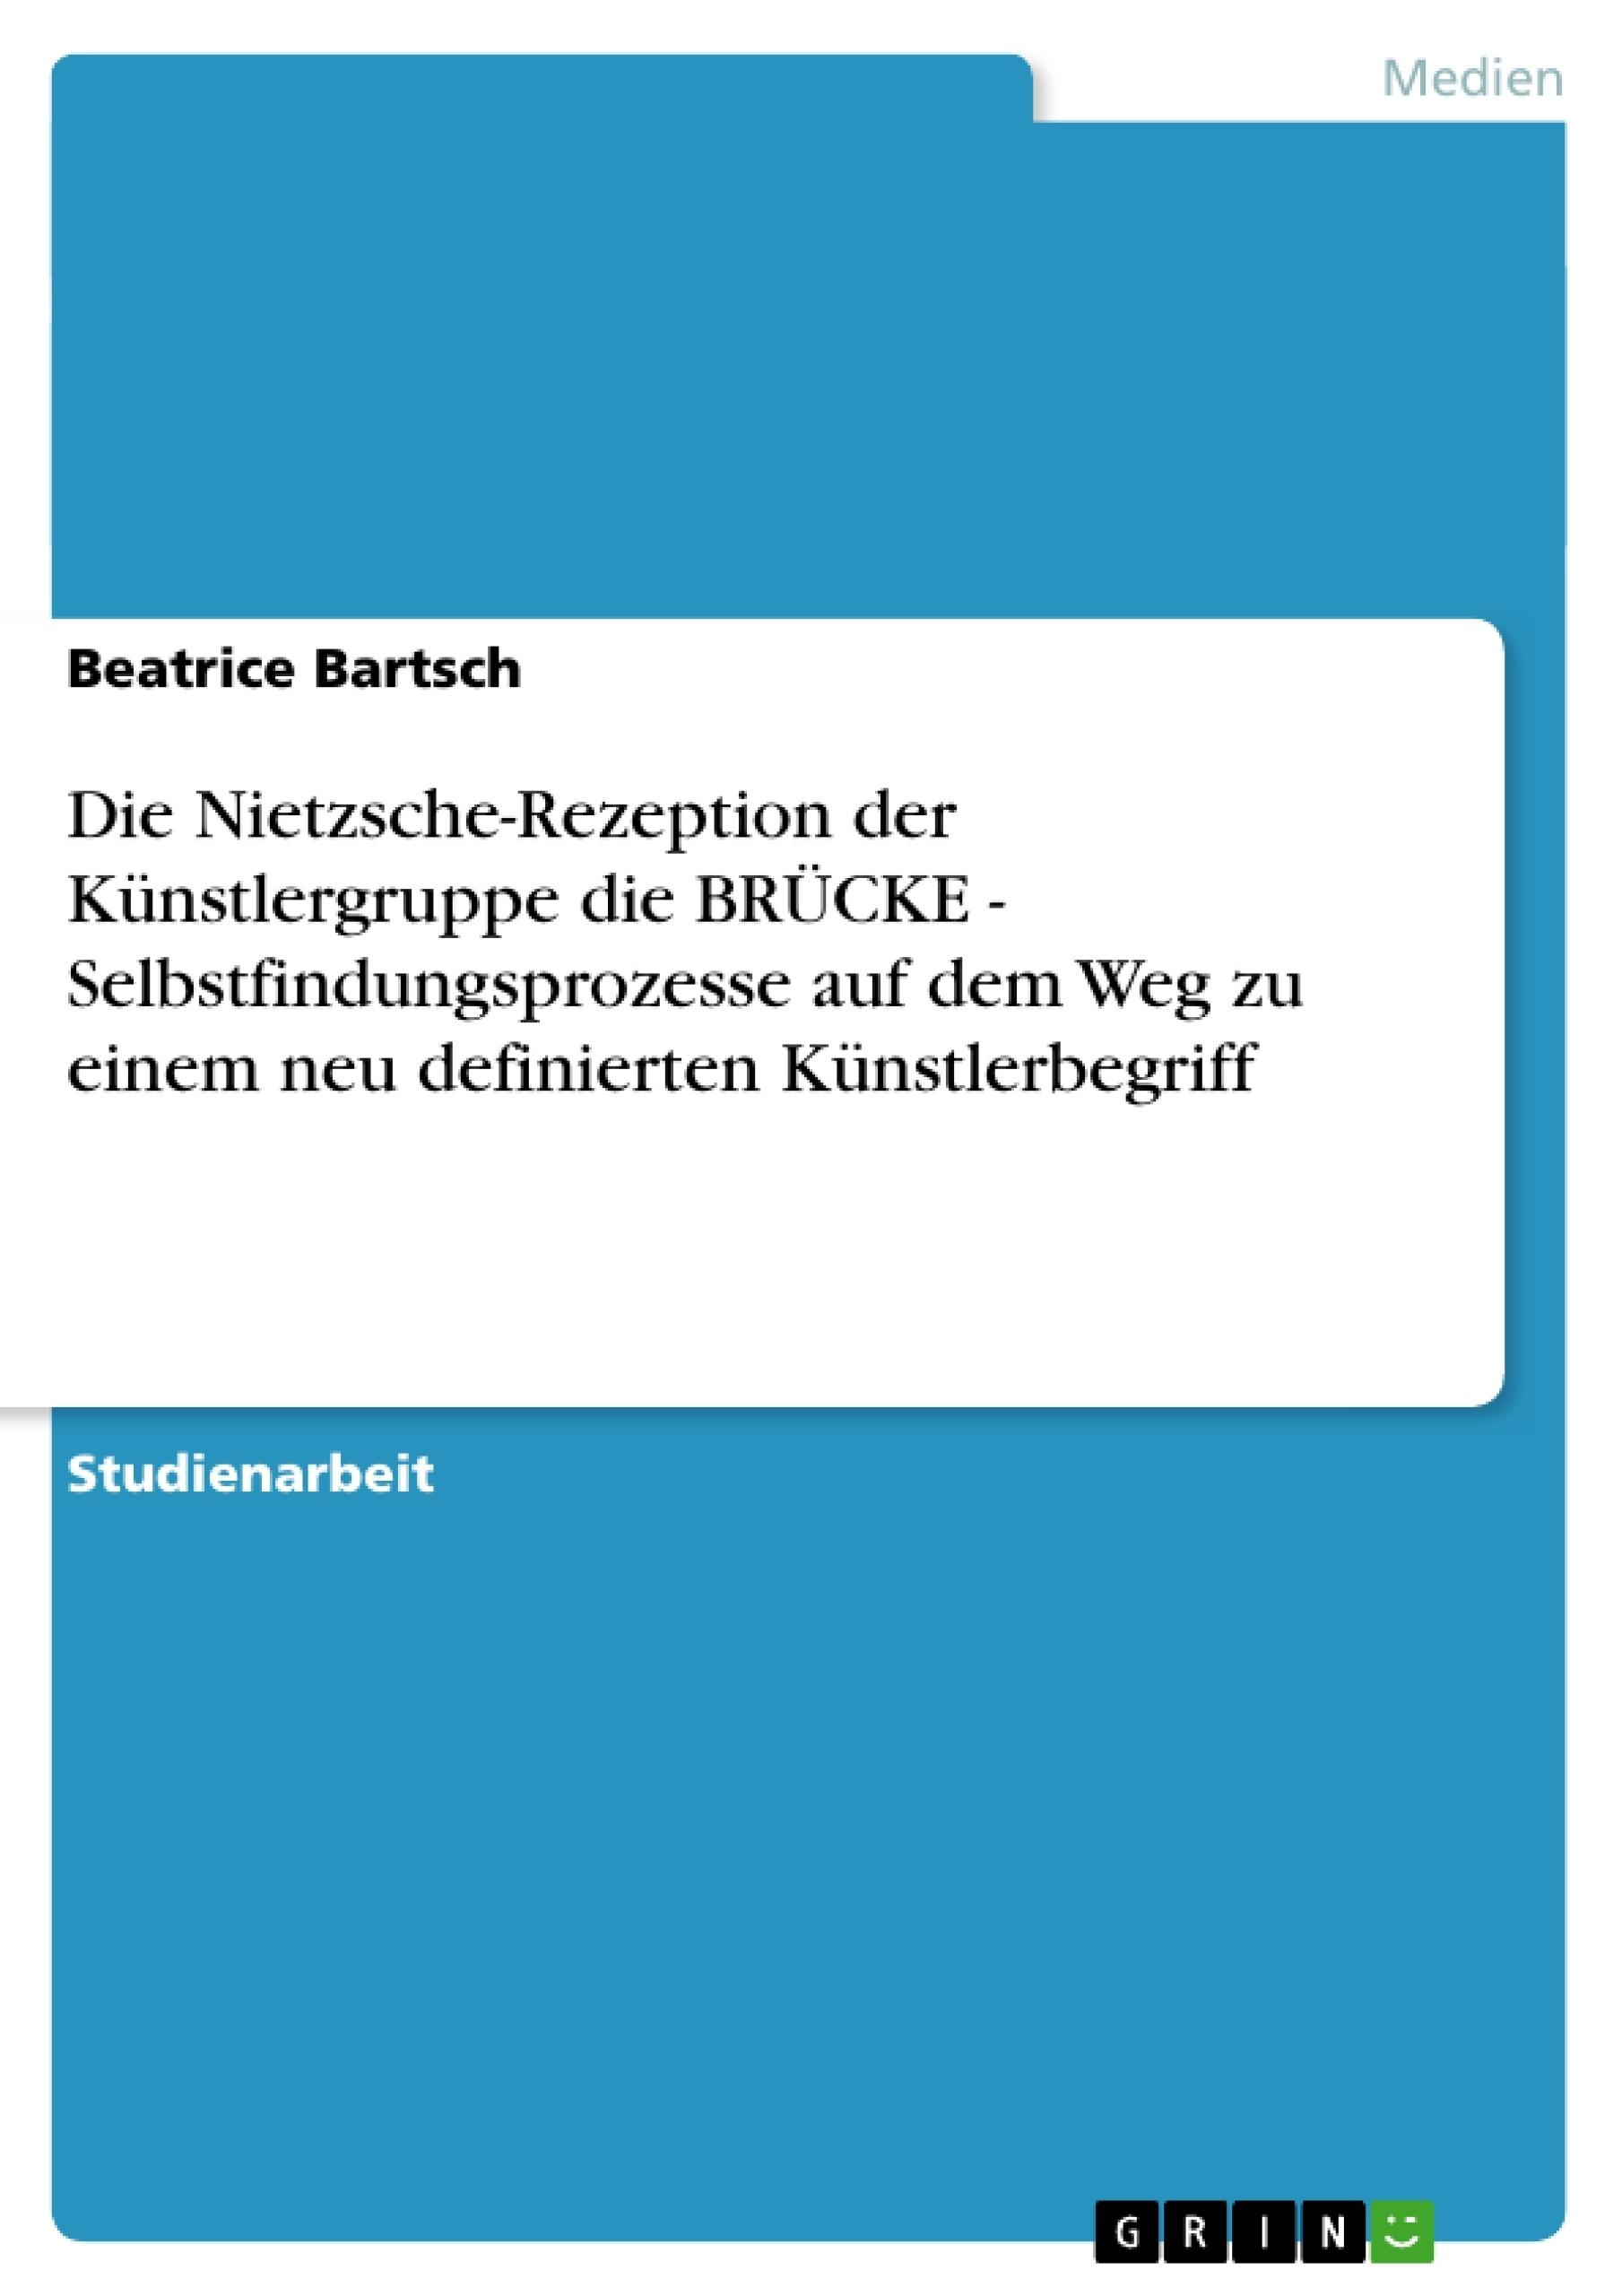 Titel: Die Nietzsche-Rezeption der Künstlergruppe die BRÜCKE - Selbstfindungsprozesse auf dem Weg zu einem neu definierten Künstlerbegriff